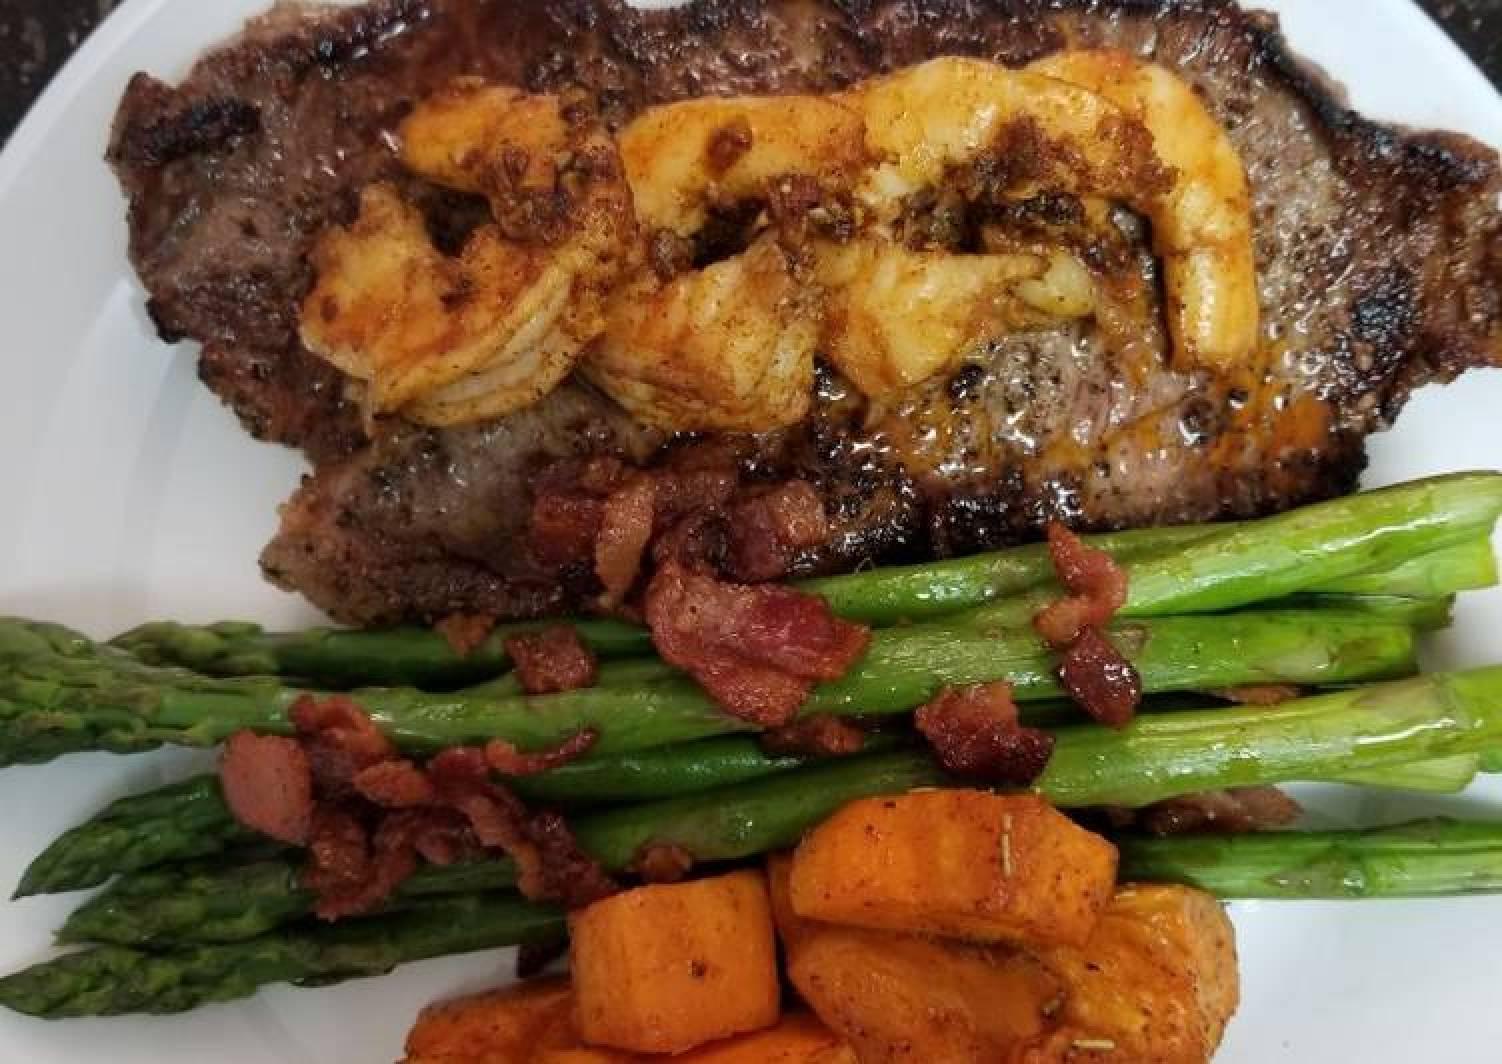 Cajun Shrimp Steak with Honey Glazed Bacon Asparagus